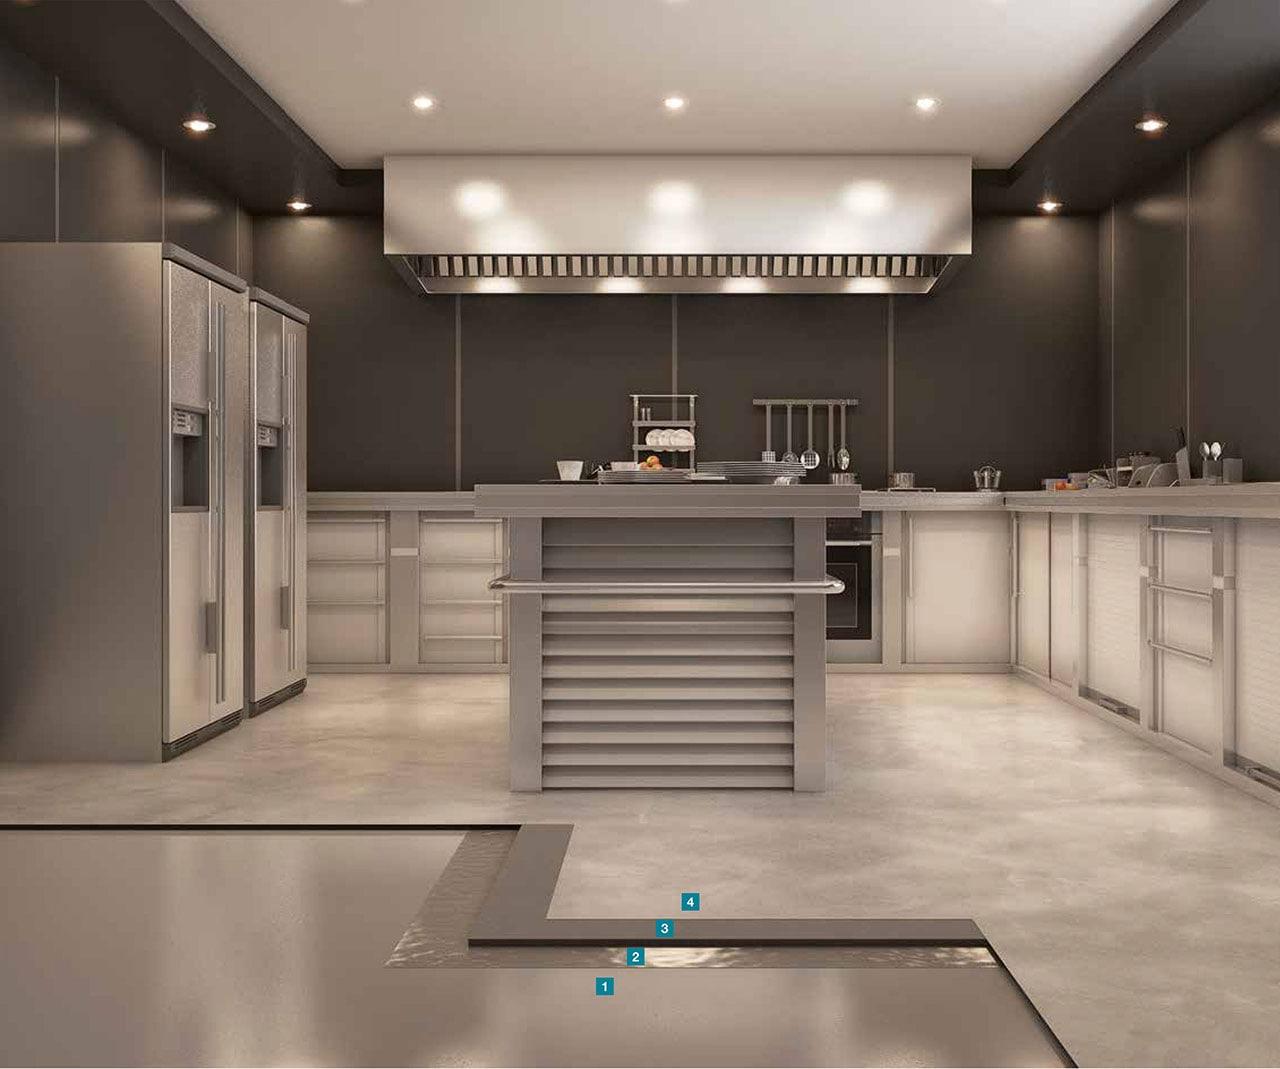 Realizzazione pavimentazioni in resina nelle cucine | Mapei